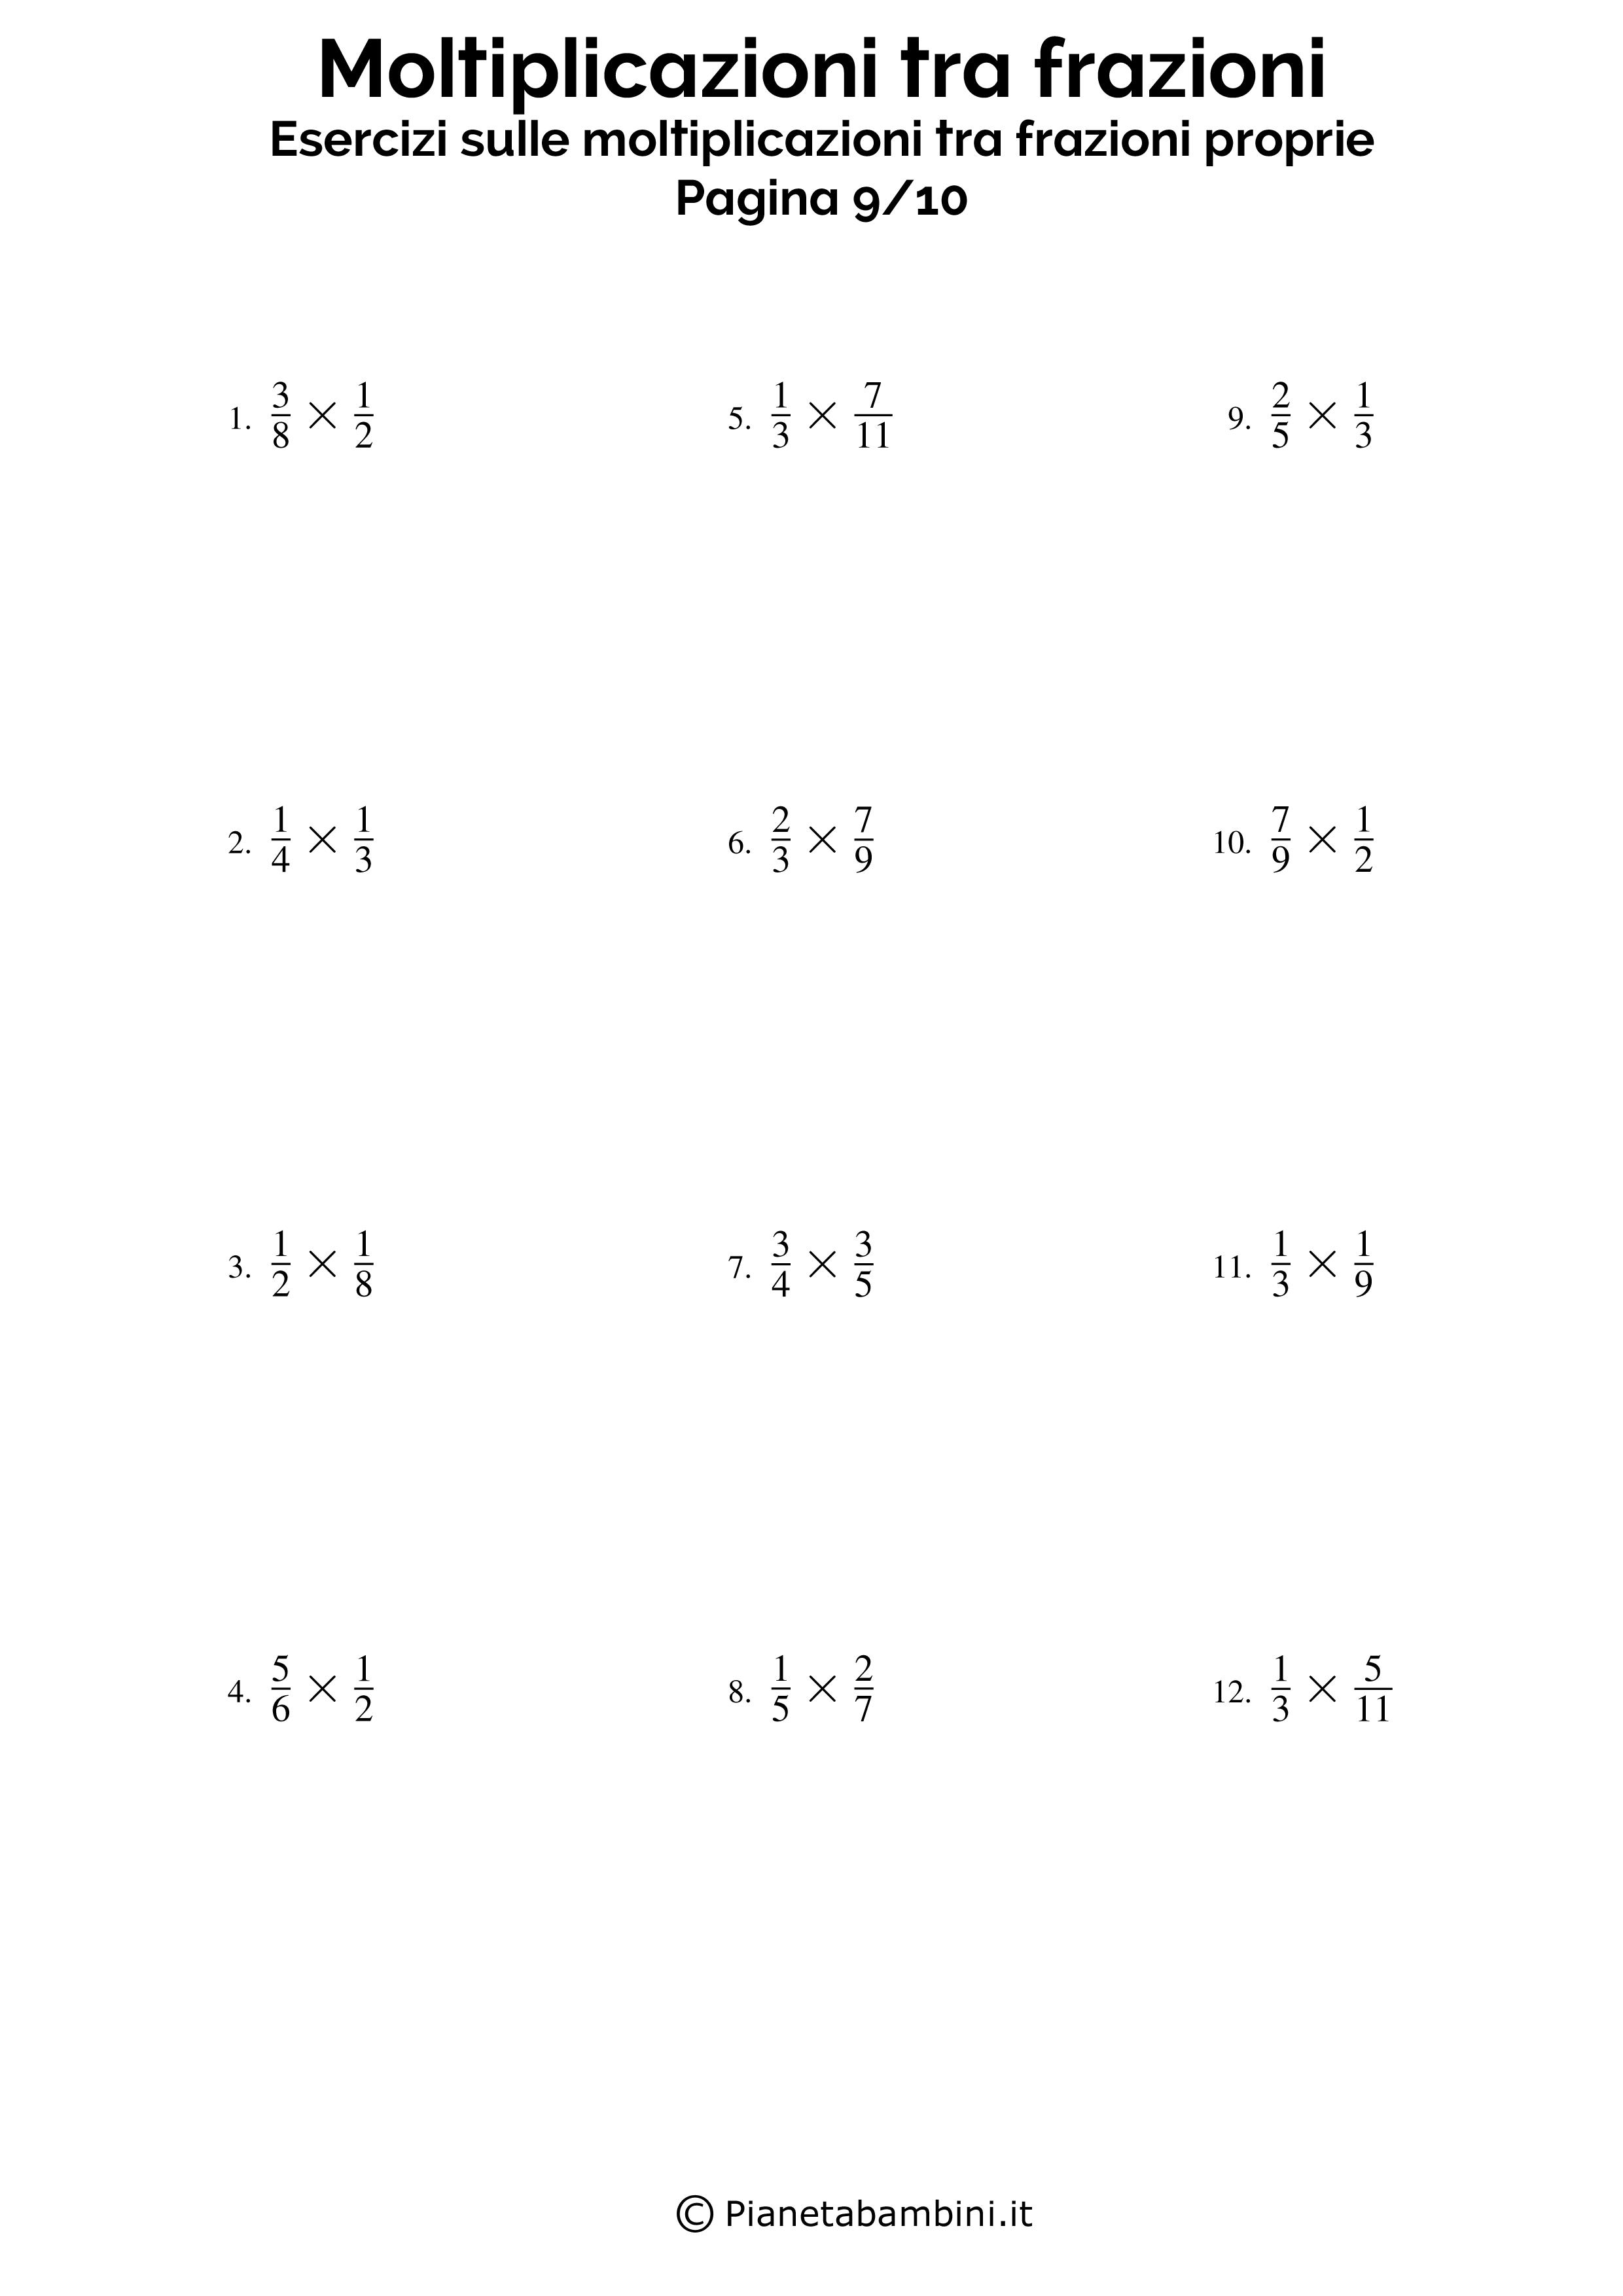 Moltiplicazioni-Frazioni-Proprie_09